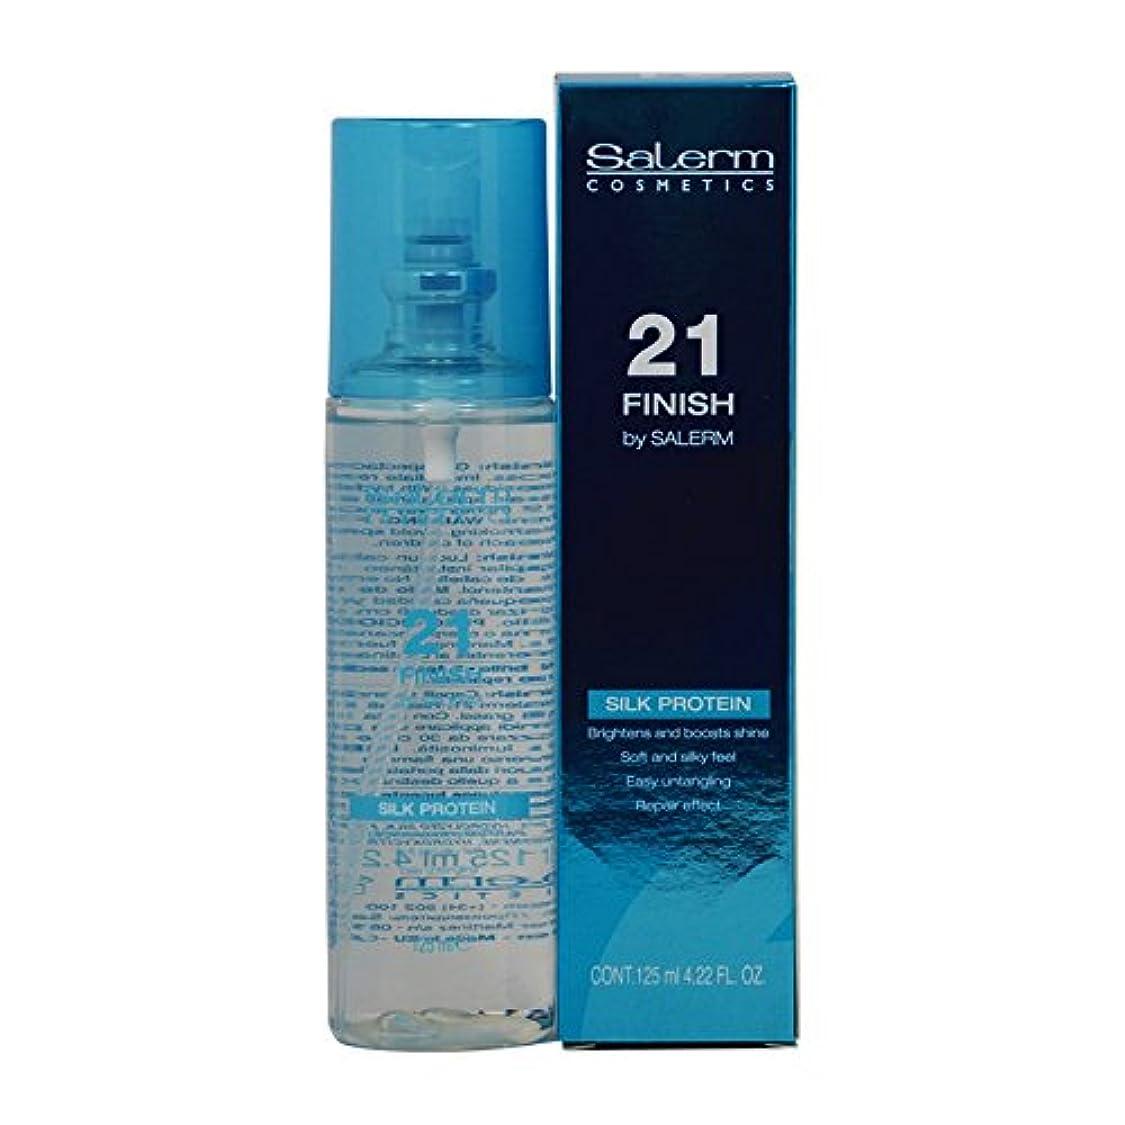 シティ枕広範囲Salerm 21完了絹タンパク質4.22オンススプレー 4.22液量オンス